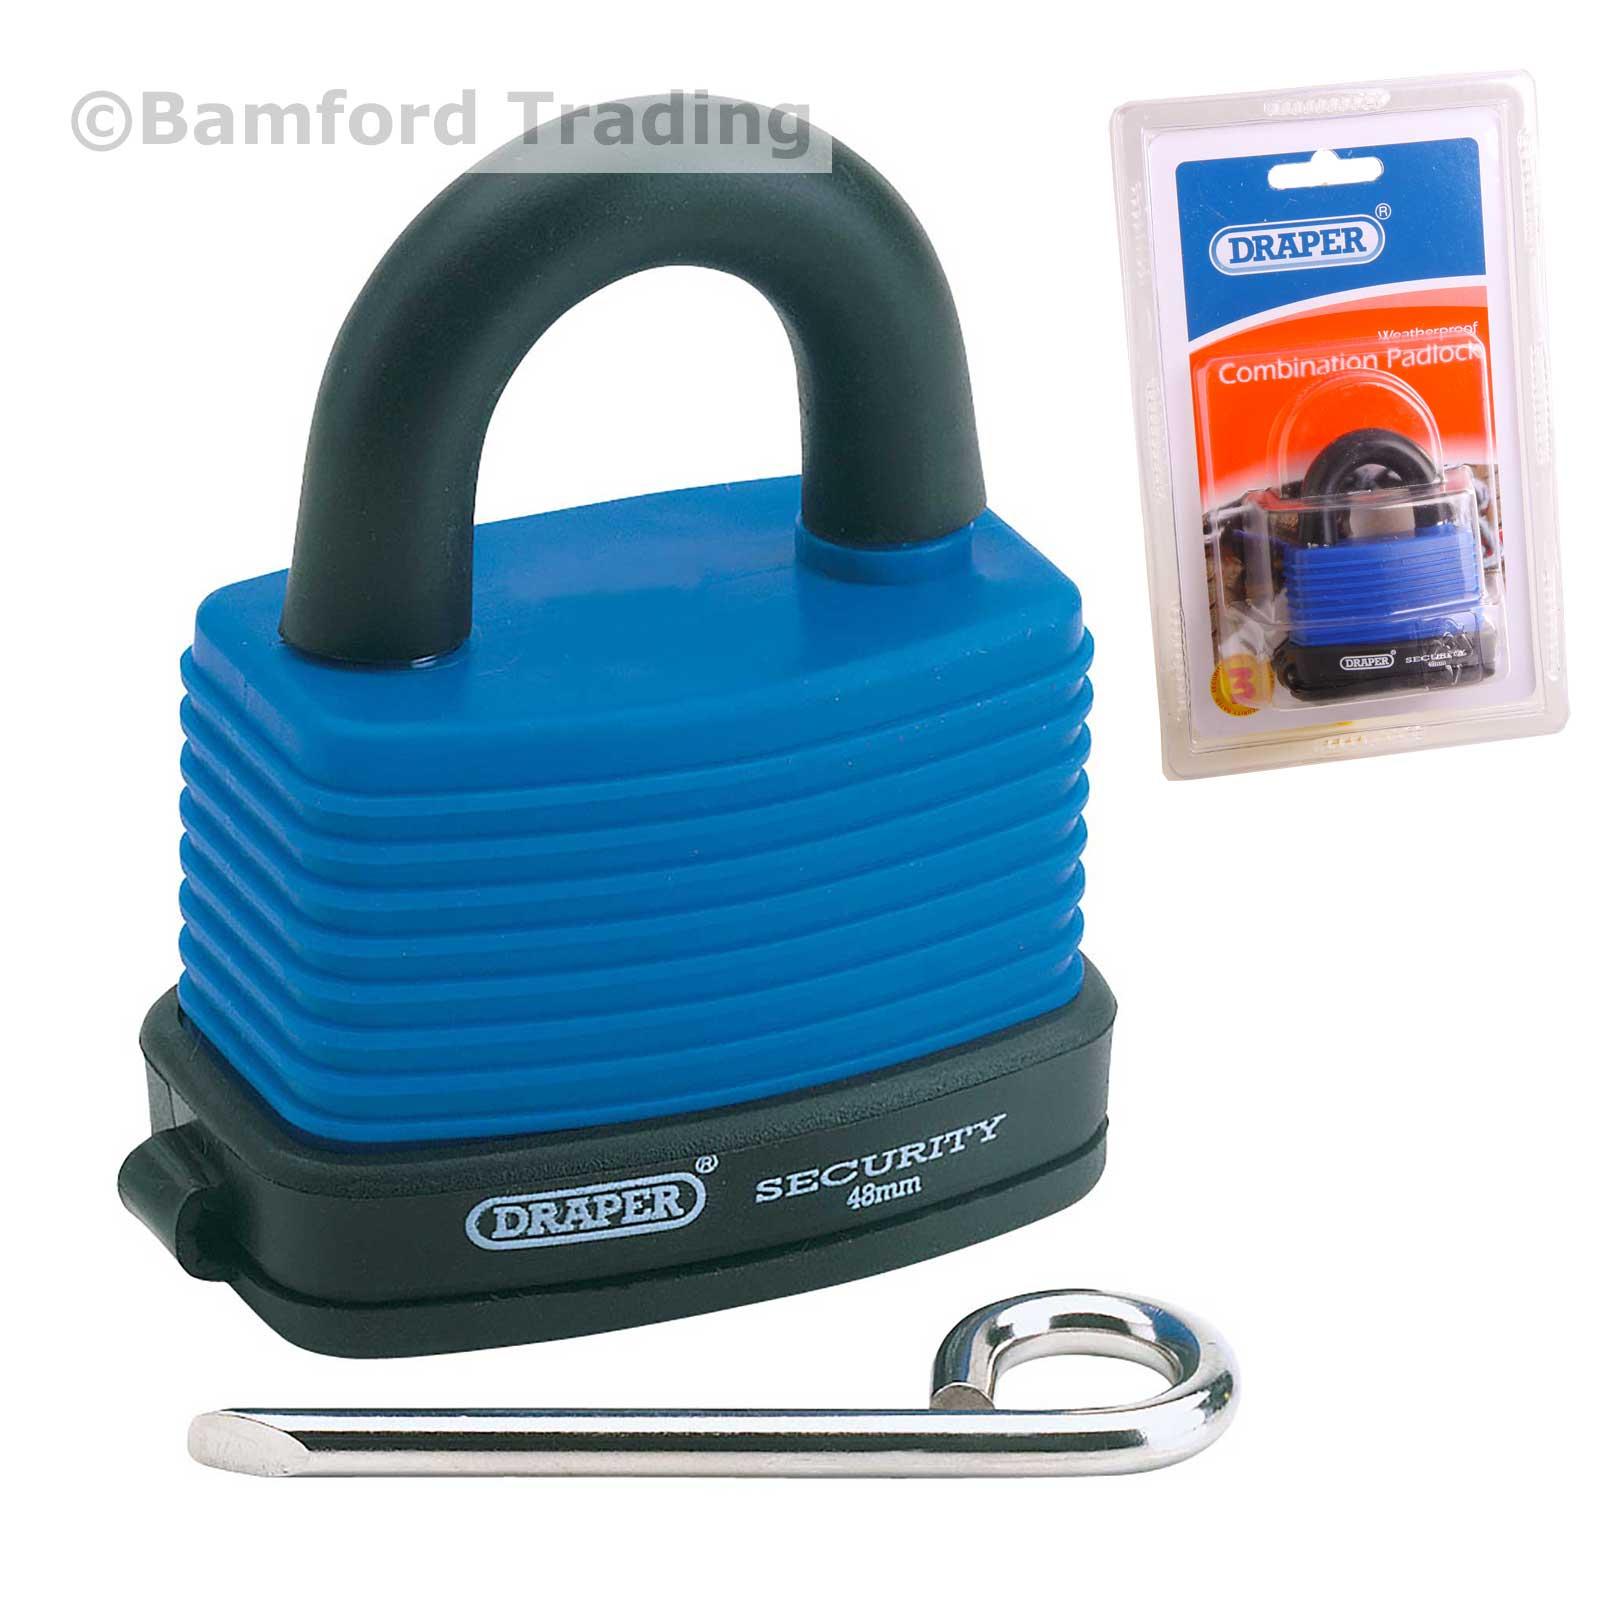 Draper Combination Lock Padlock Resettable Water Resistant Weatherproof 64175